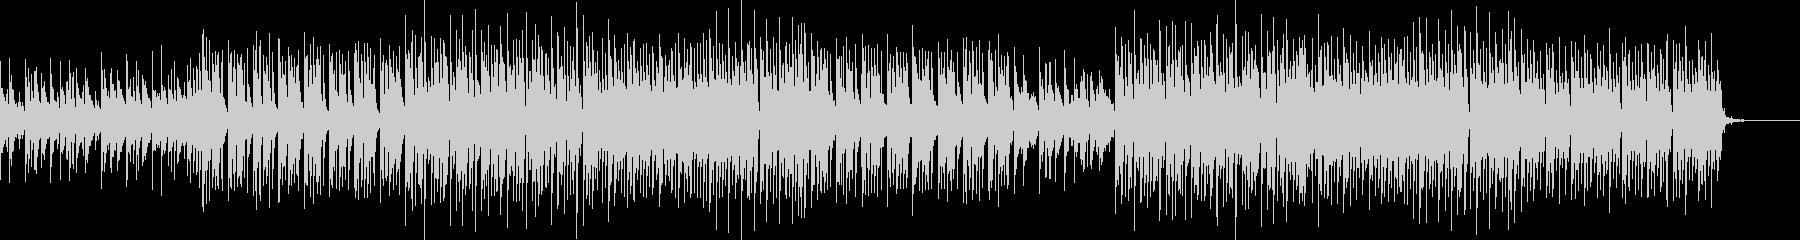 ベル系シンセの切ないリフが印象的なBGMの未再生の波形